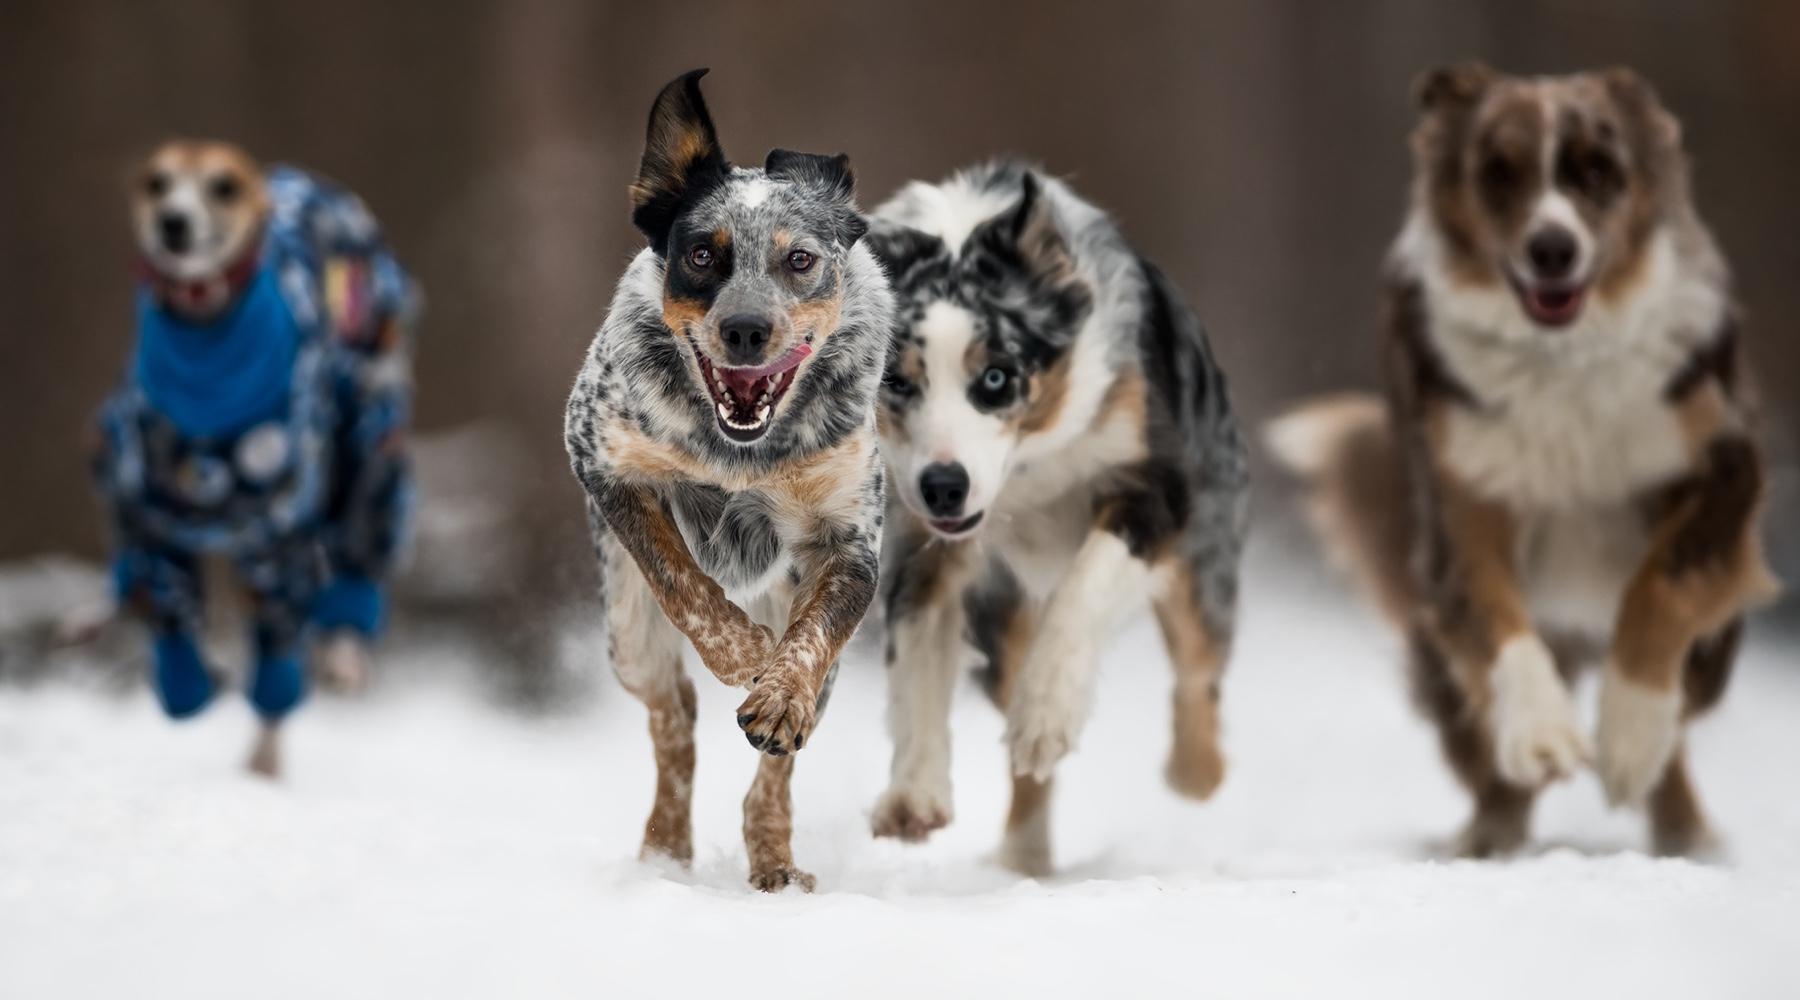 Activités hivernales amusantes pour vous et votre compagnon adoré